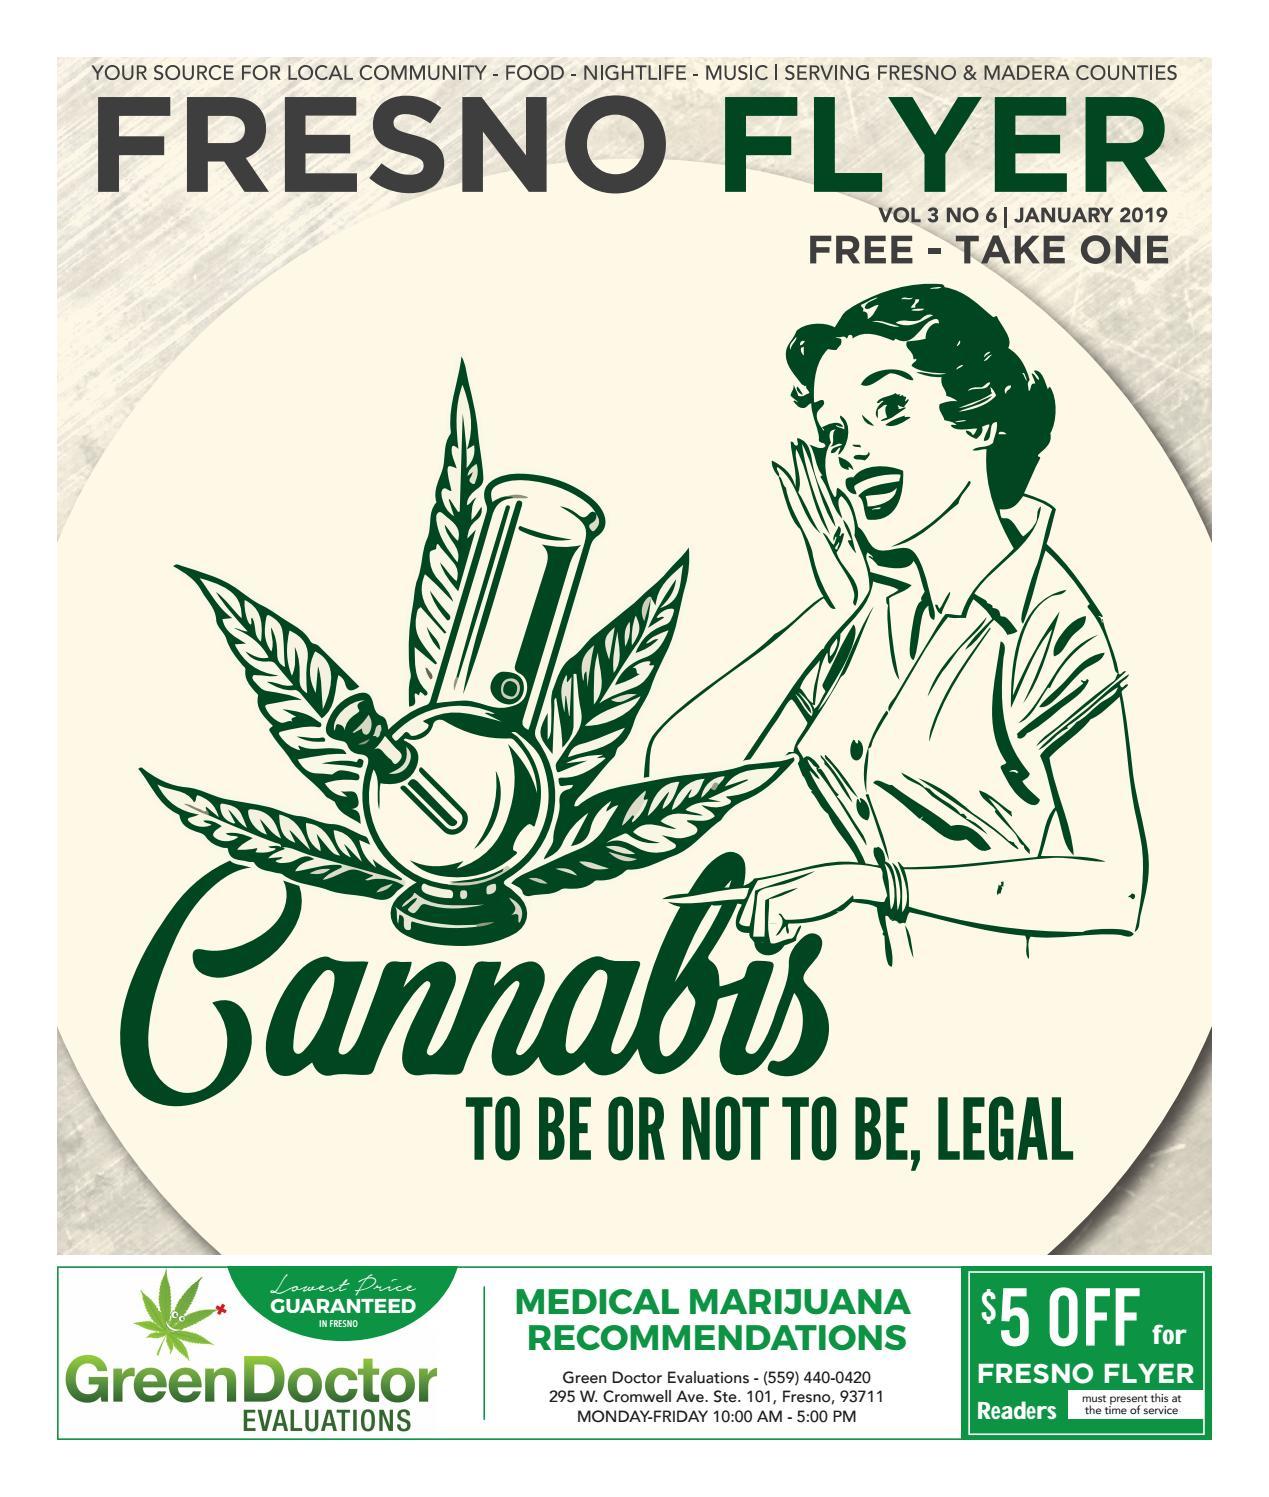 Fresno Flyer Vol 3 No 6 by Fresno Flyer - issuu